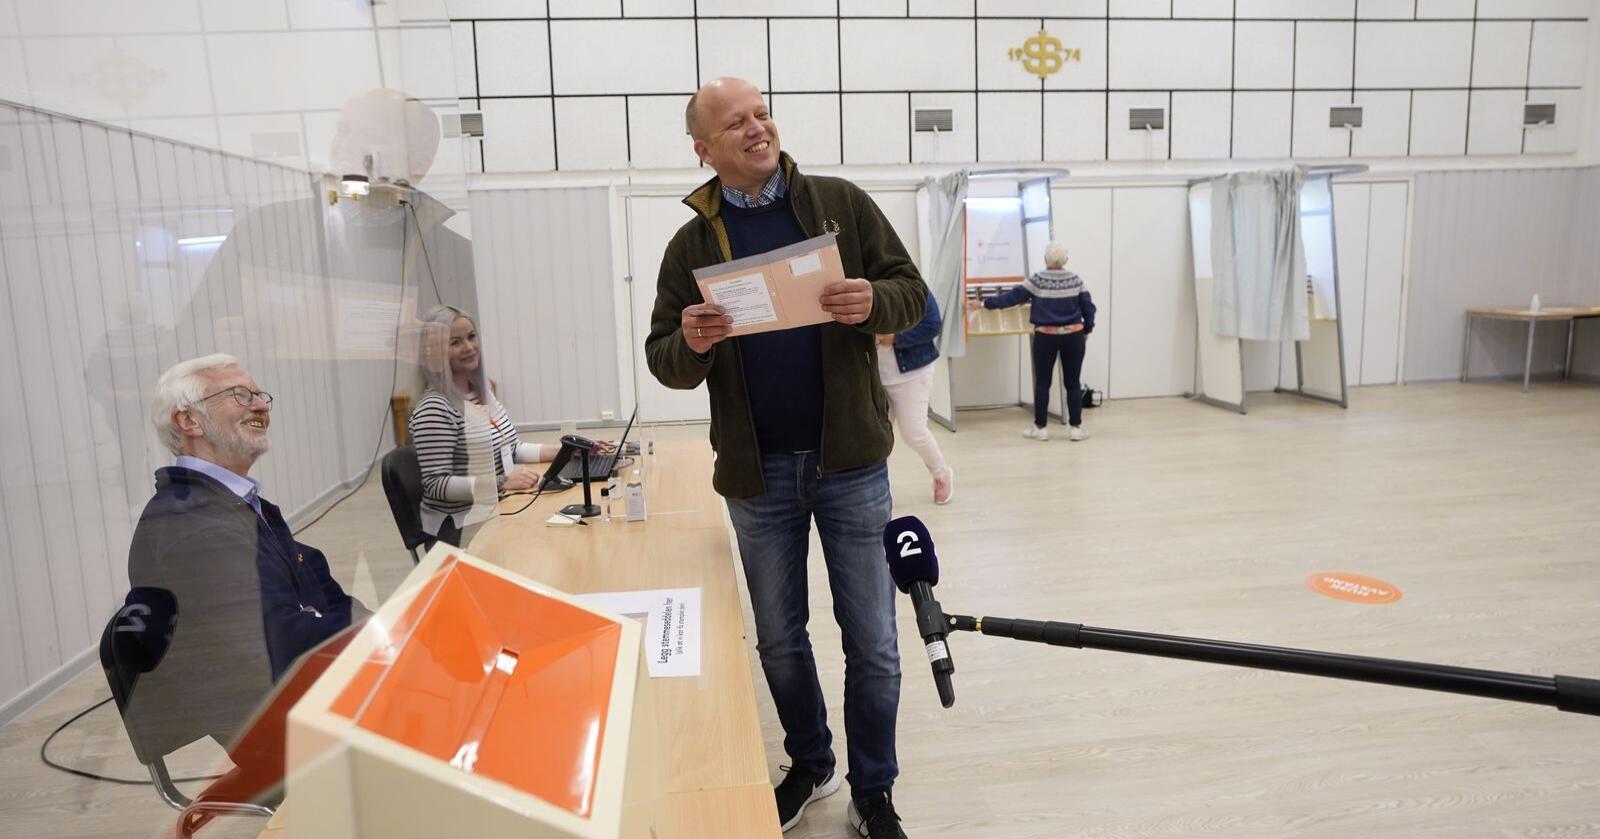 Sp leder Trygve Slagsvold Vedum stemte på Ilseng Samfunnshus på IlsengFoto: Lise Åserud / NTB